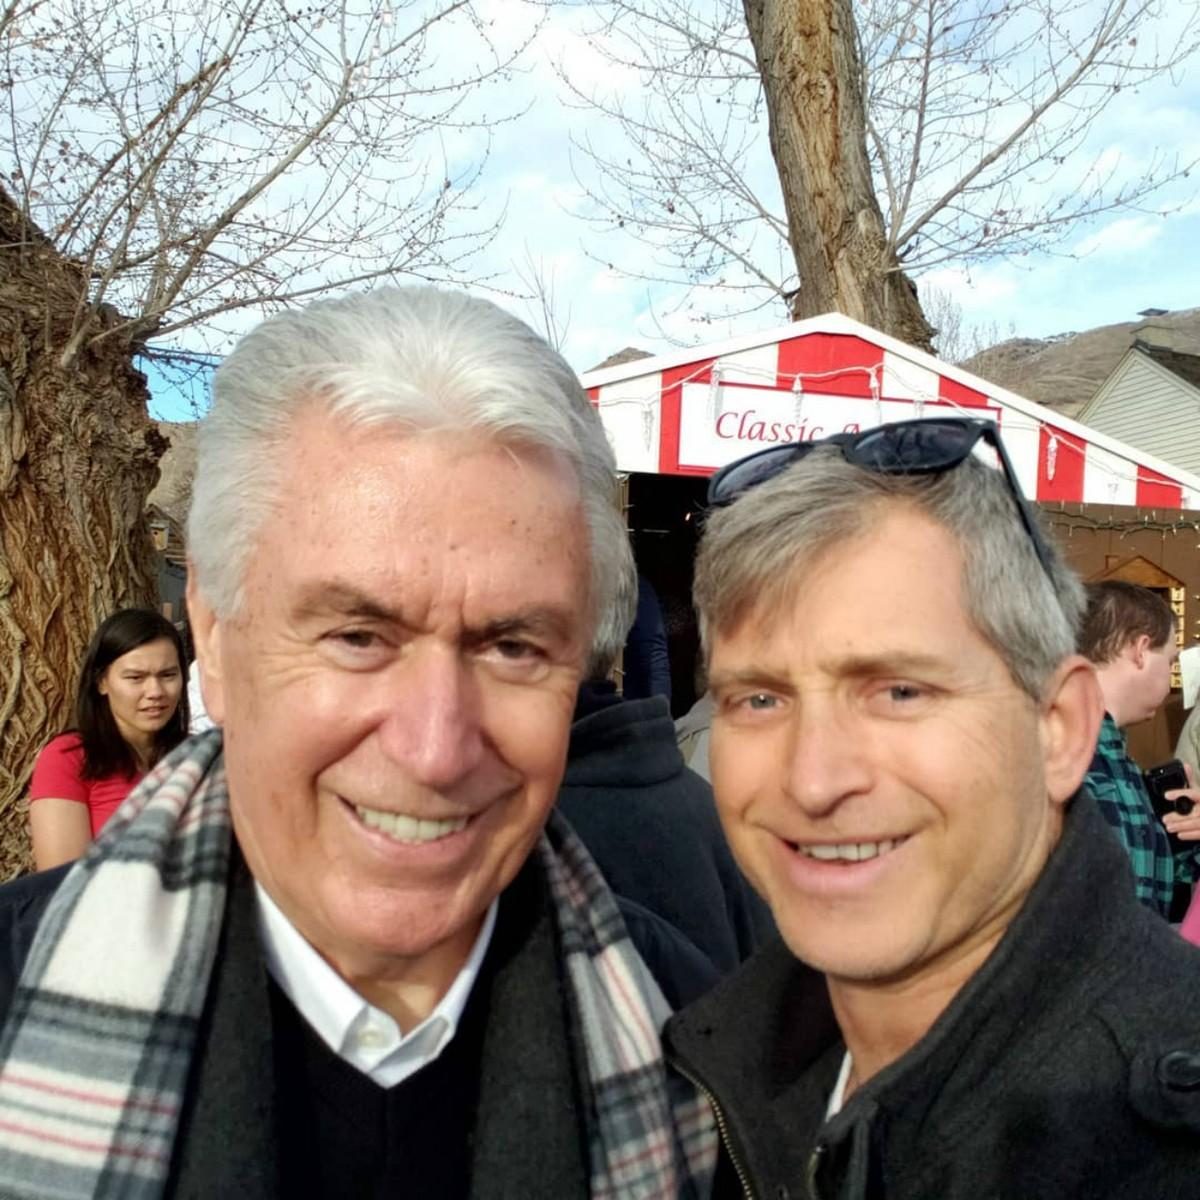 Uchtdorf with Rob Sivulka